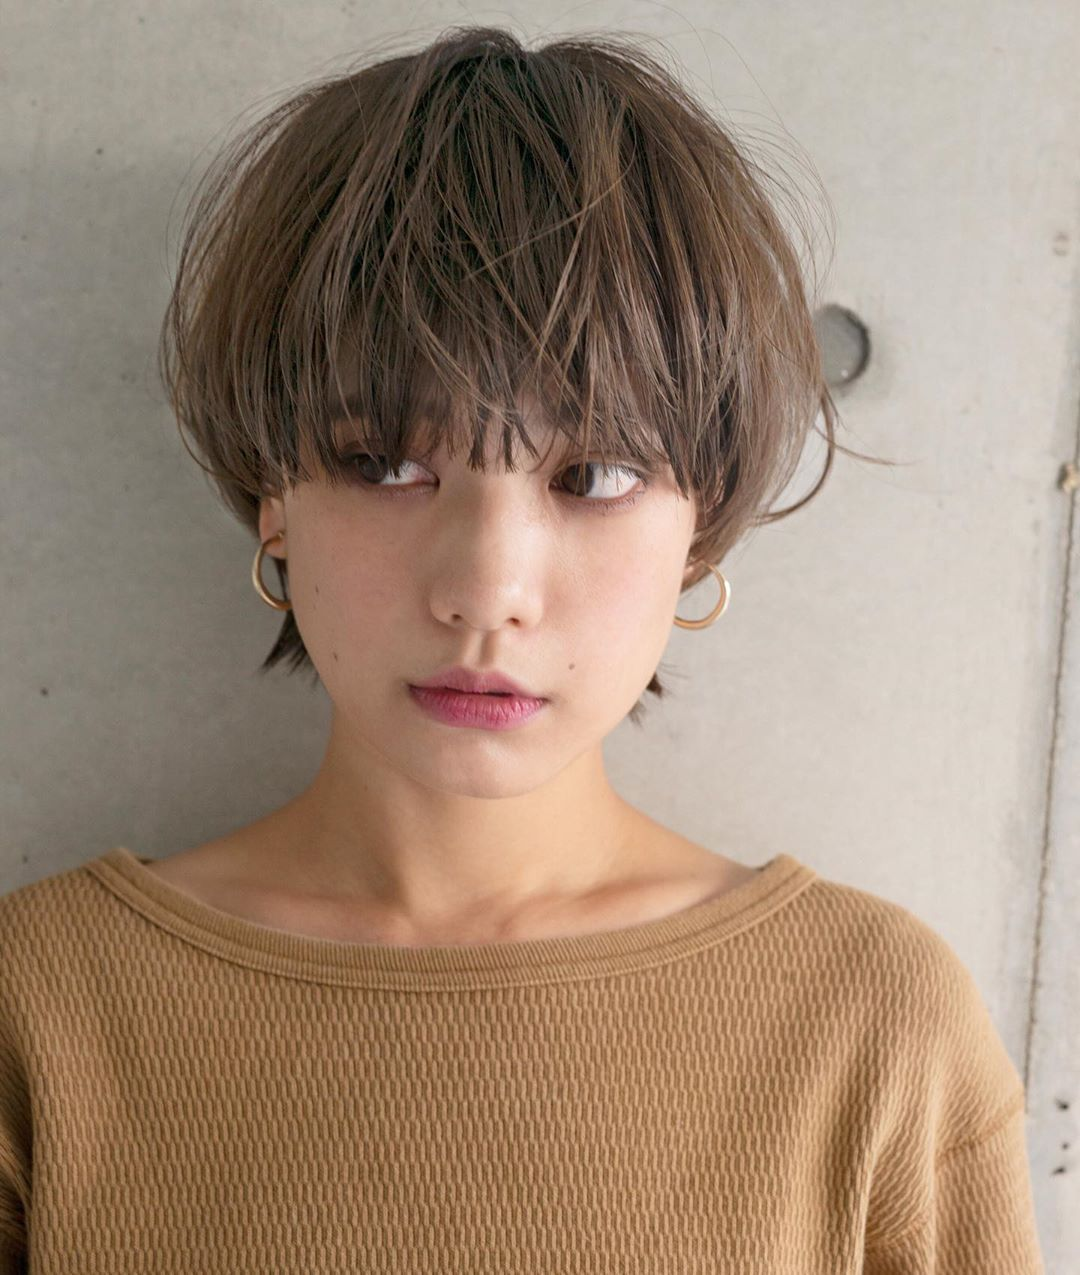 Fashion Hairphoto Hairstyles Instagram Norimasasawa Shorthair アイメイク こないだ動画で投稿したんだけど ジュエリー タトゥー ネイル ヘアデザイン マッシュウルフに メイクのアプリ 髪型 ヘアカット 短い髪のためのヘアスタイル